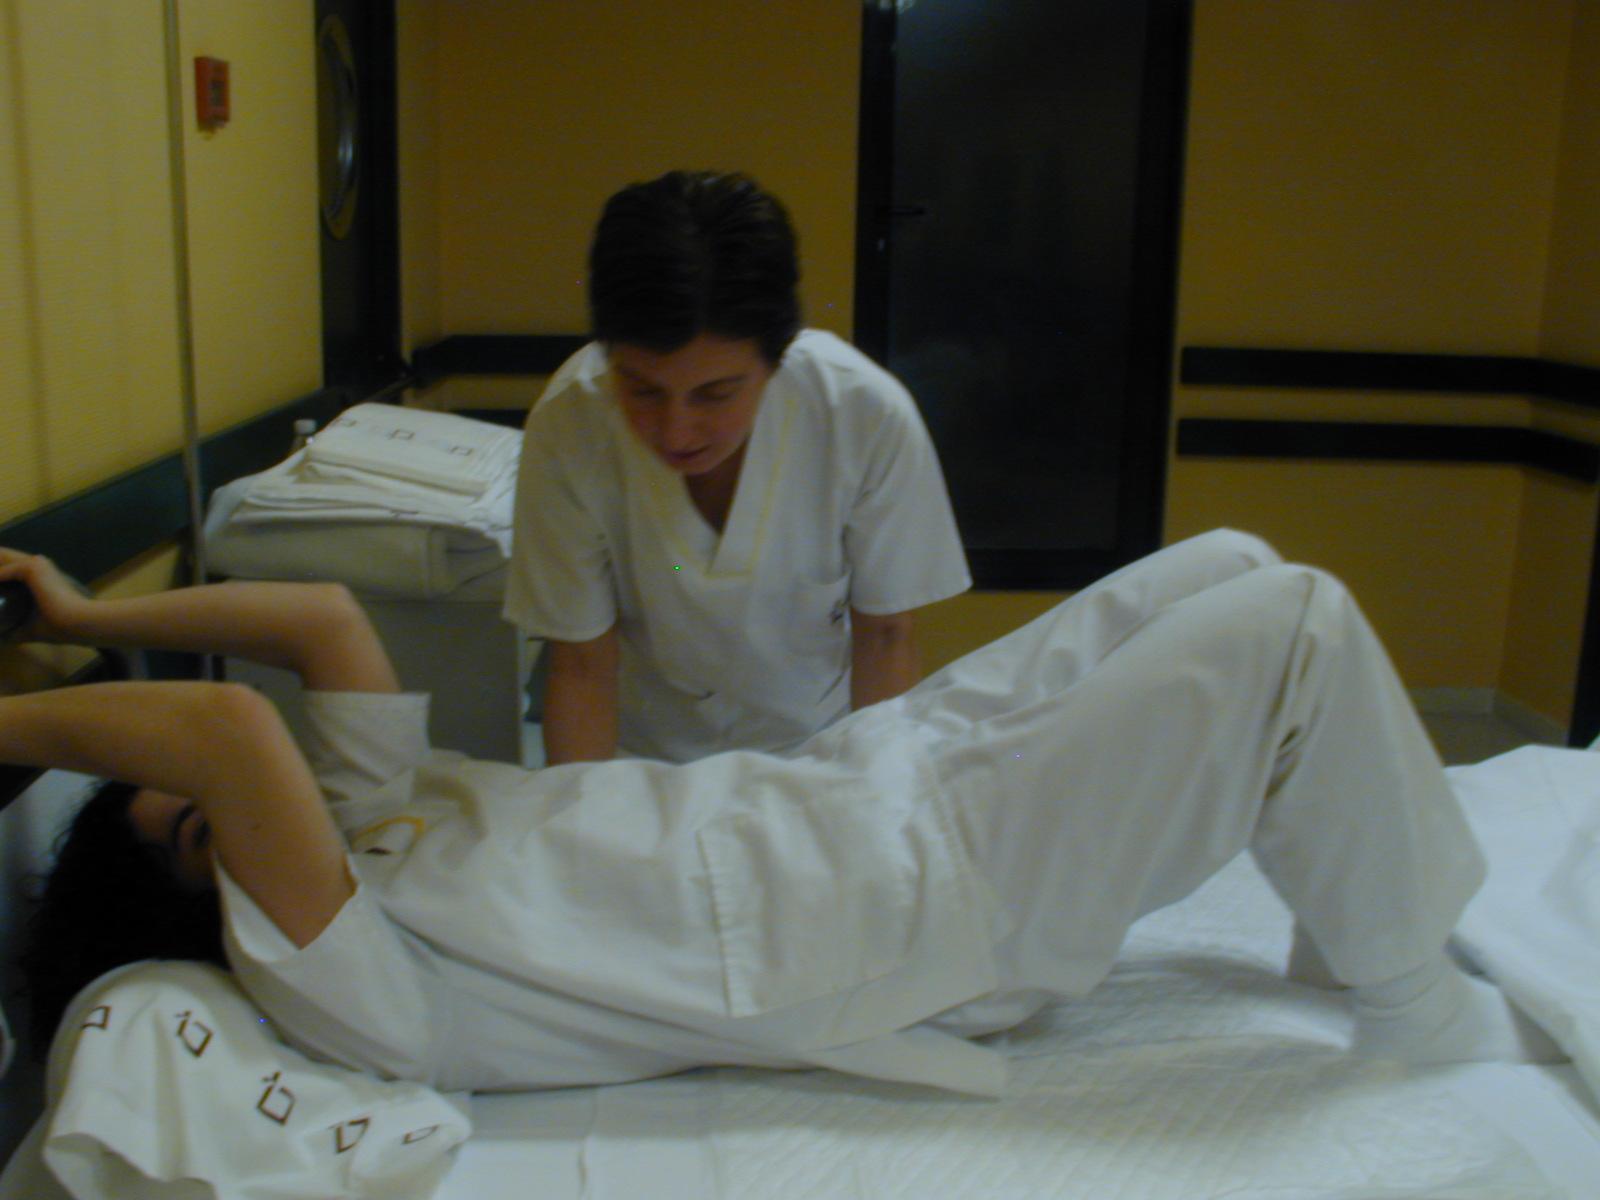 Baño General Del Paciente En Cama:de la cama 1 1 con ayuda del paciente 1 2 sin ayuda del paciente